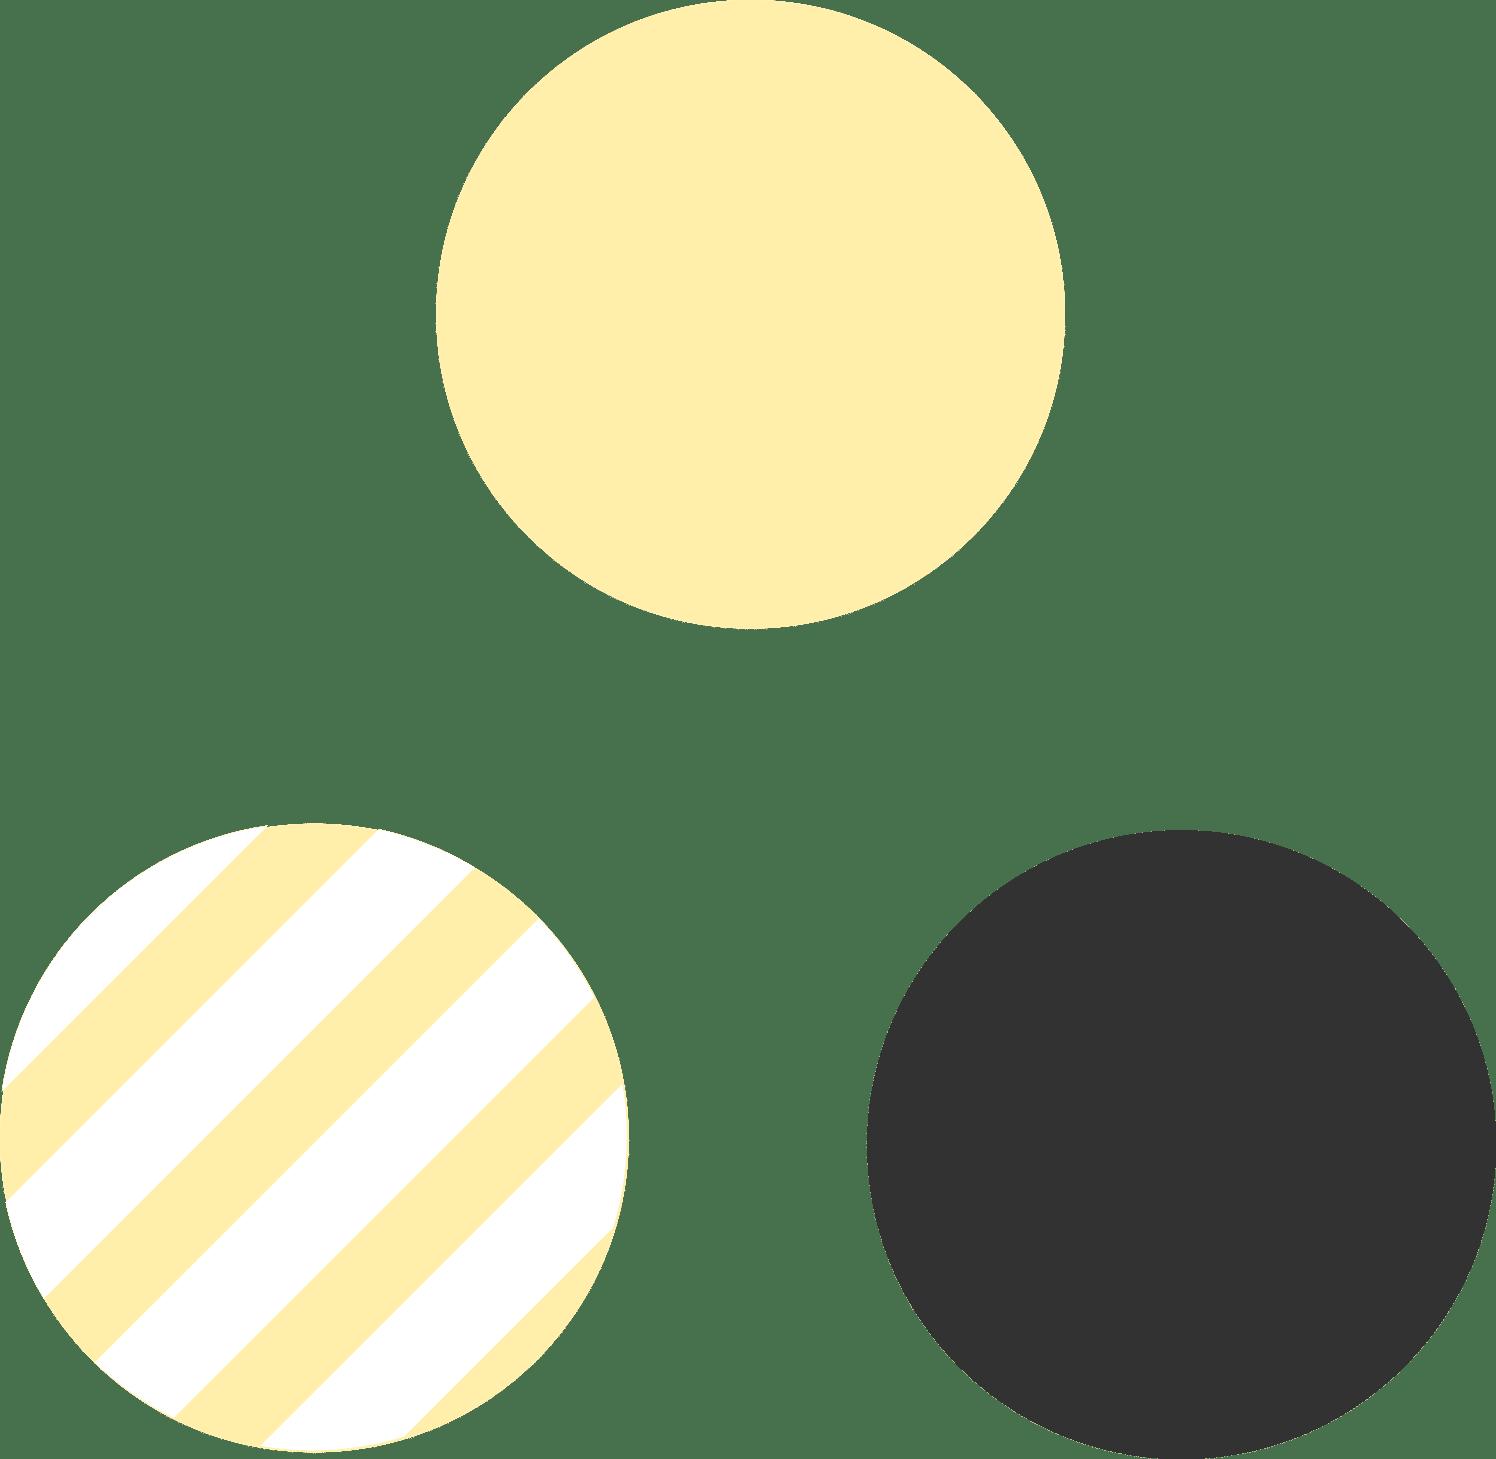 Farbvarianten der Seitenmarkise Blumfeldt Bar: Anthrazit, Creme-Sand und Creme-Weiß